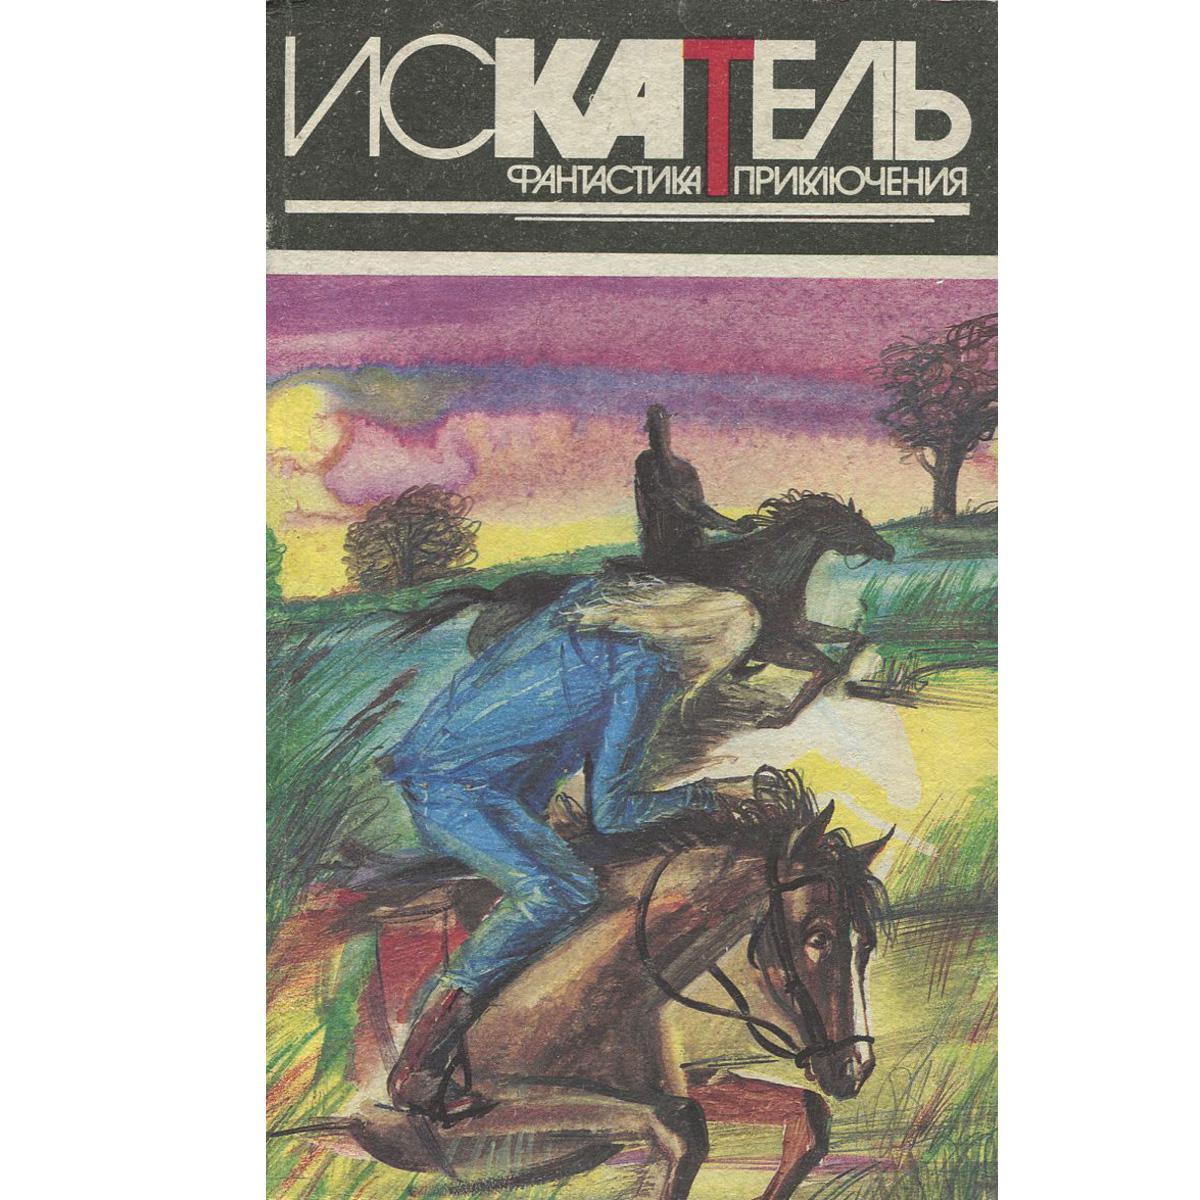 Искатель, №3, 1995